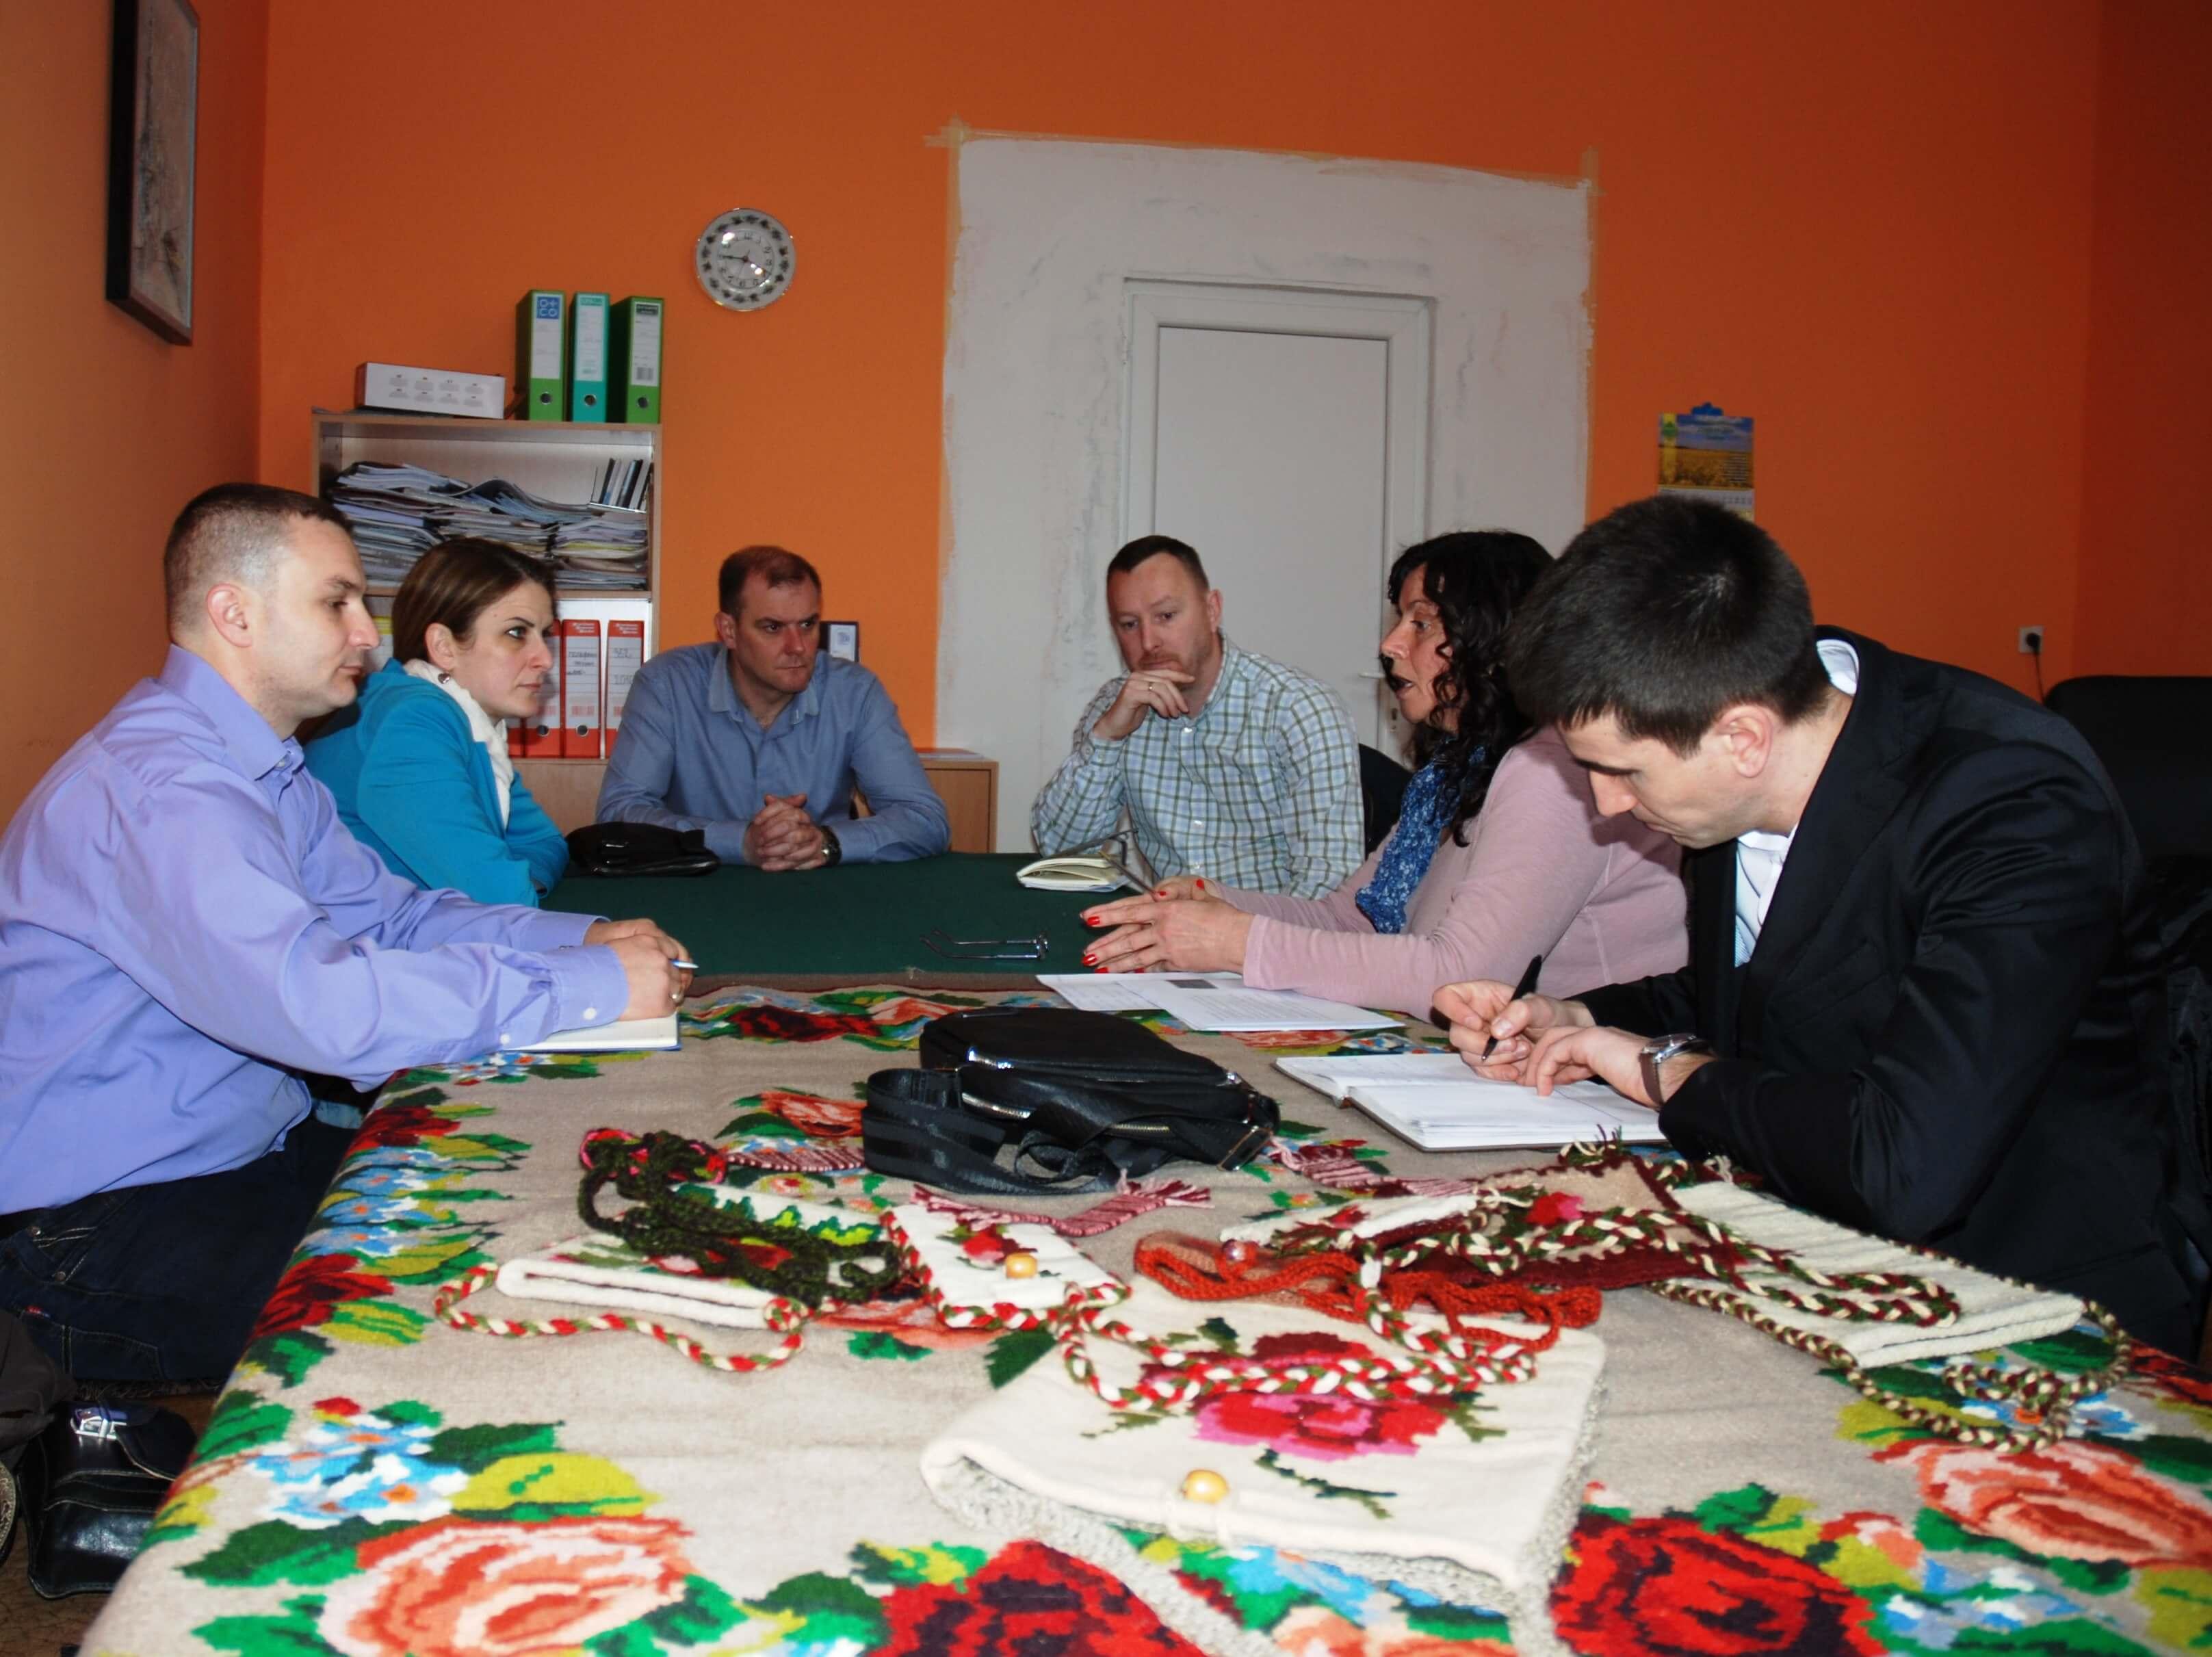 Градоначелница на састанку у Стапару, где је и седиште ЛАГ-а